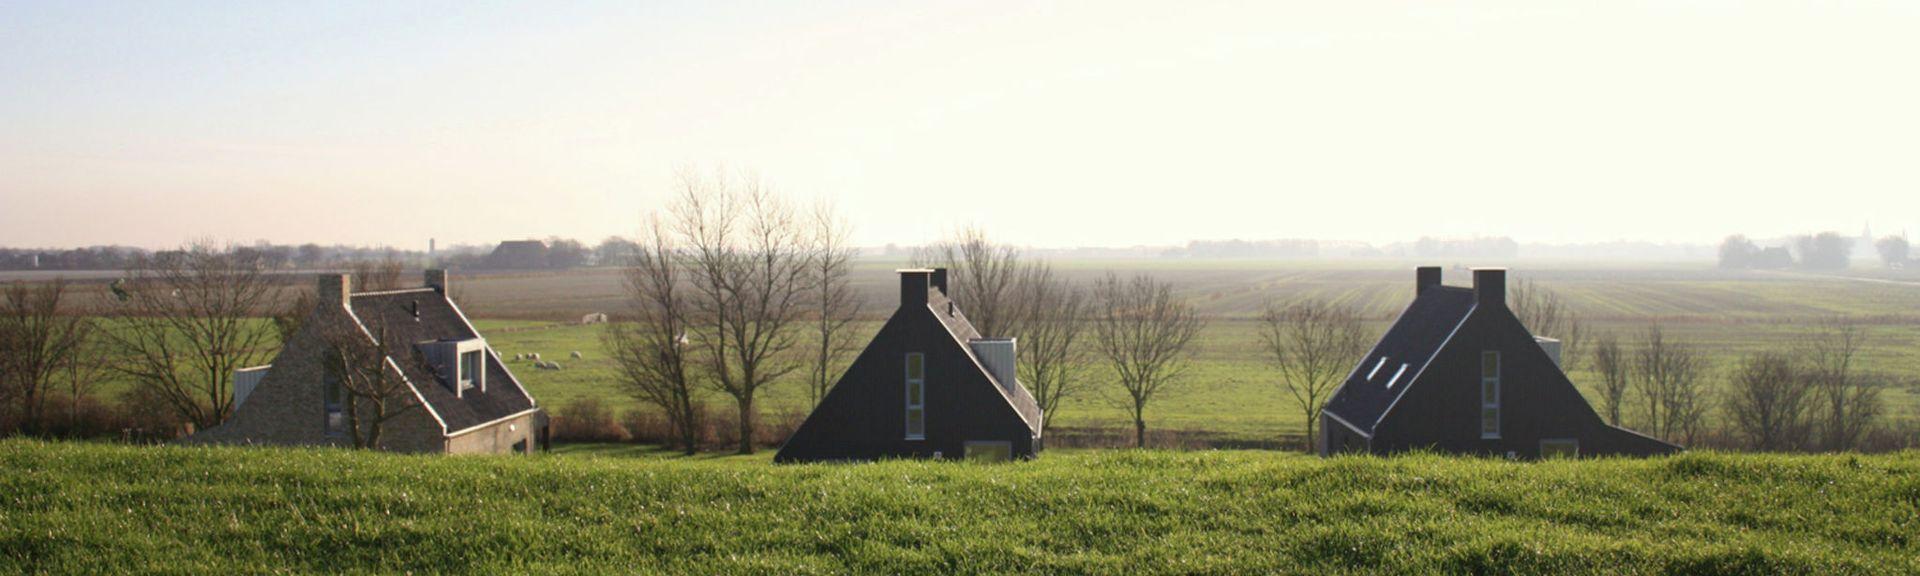 Maison provinciale de Friesland, Frise, Pays-Bas